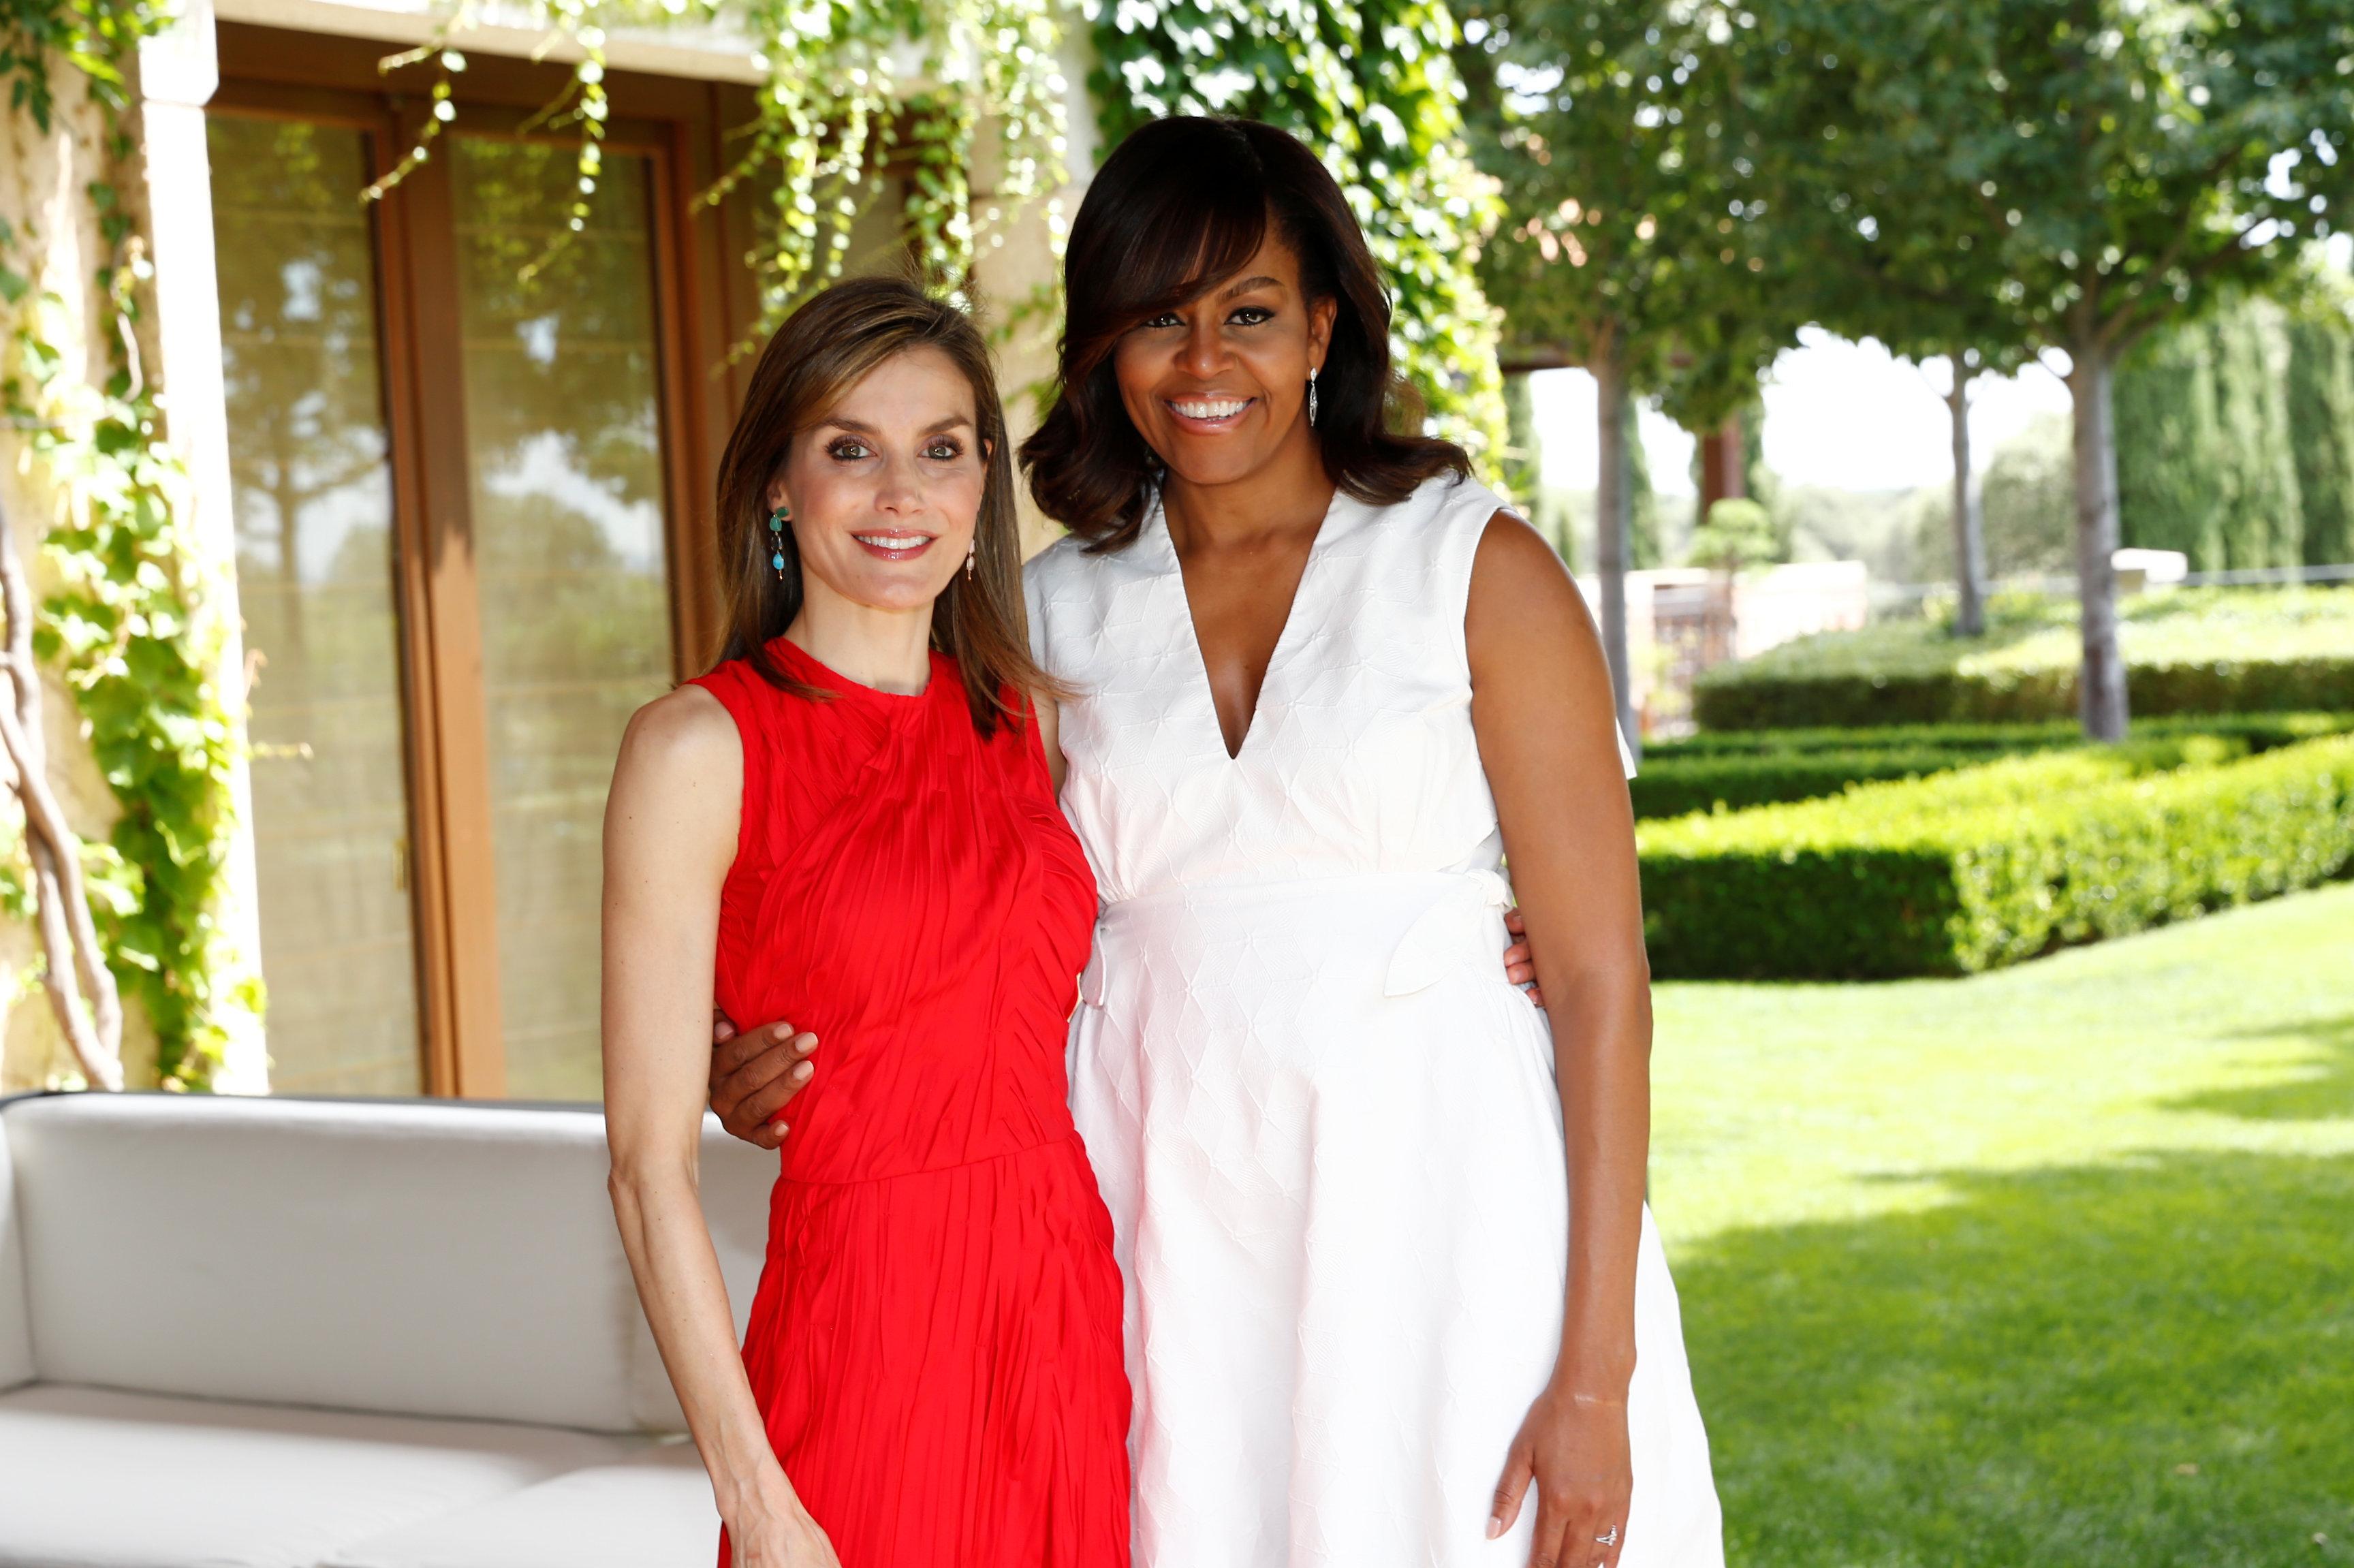 Letizia, Reina de España, y Michelle Obama, primera dama estadounidense, en el Palacio de la Zarzuela